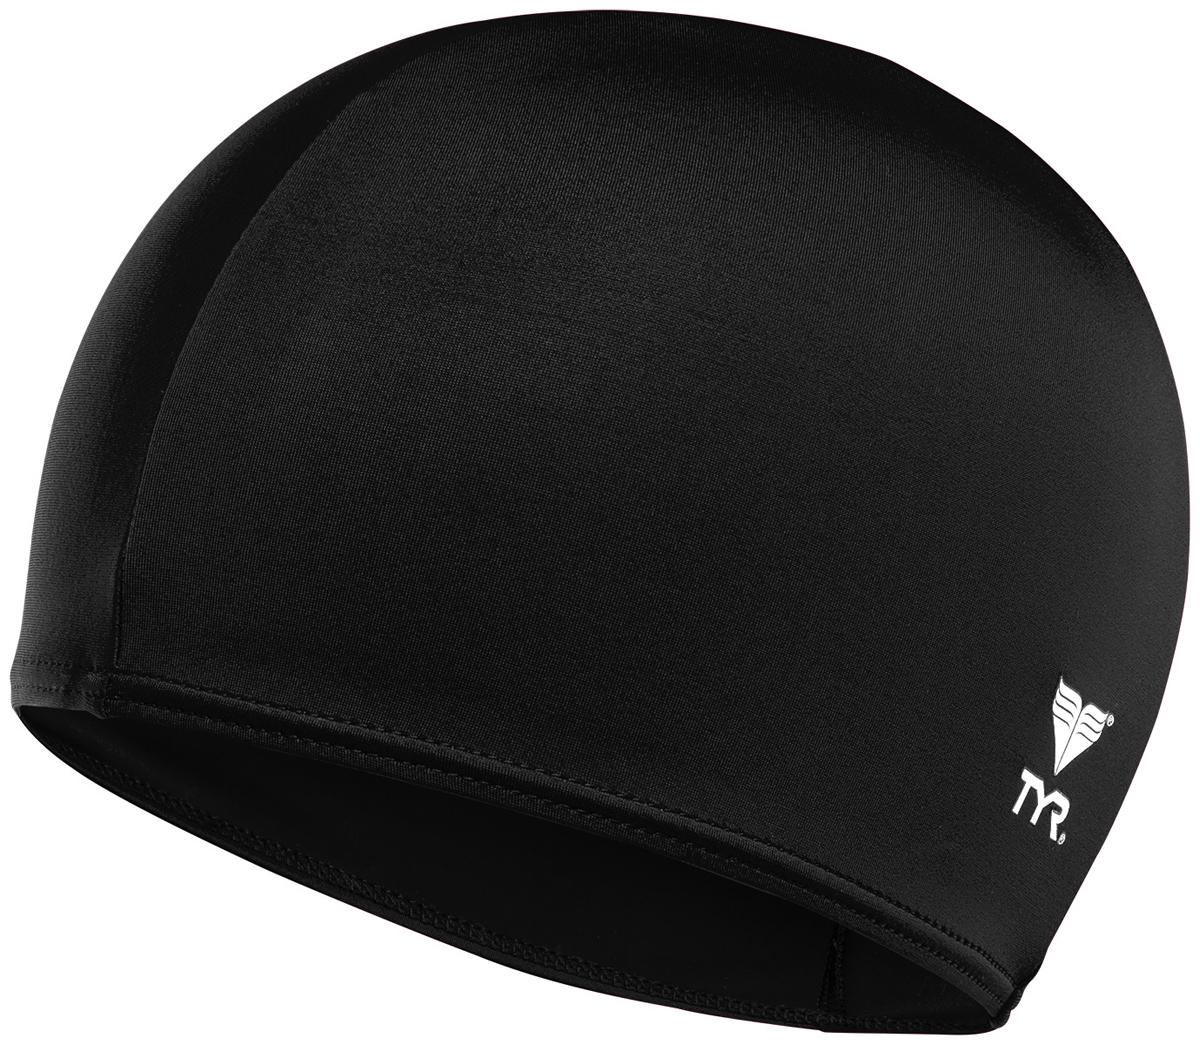 Шапочка для плавания Tyr Solid Lycra Cap, цвет: черный. LCYLCYTYR Lycra – классическая шапочка для плавания, изготовлена из высококачественного материала устойчивого к воздействию хлорированной воды. Шапочка очень комфортна, эластична, хорошо держится и не сдавливает голову. Хорошо подойдет для тренировок и плавания в свое удовольствие.